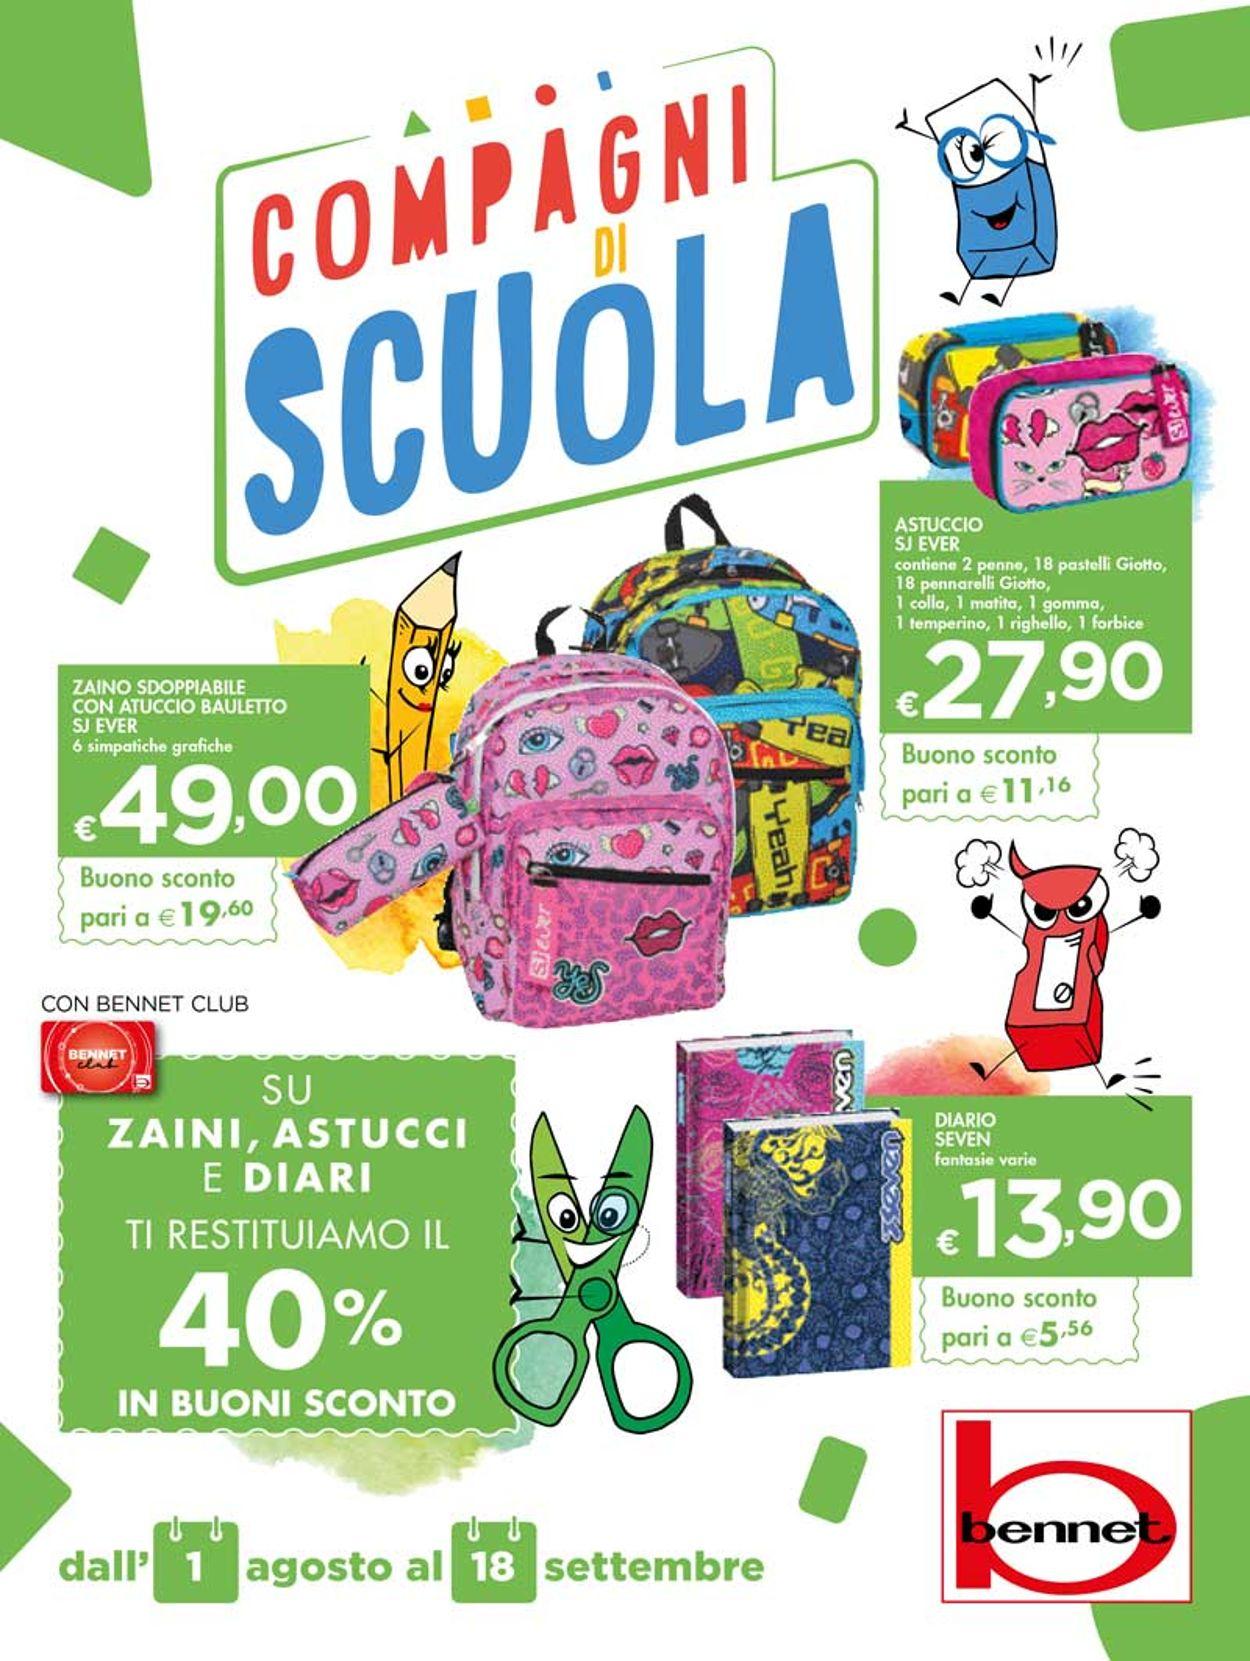 Volantino bennet - Offerte 01/08-18/09/2019